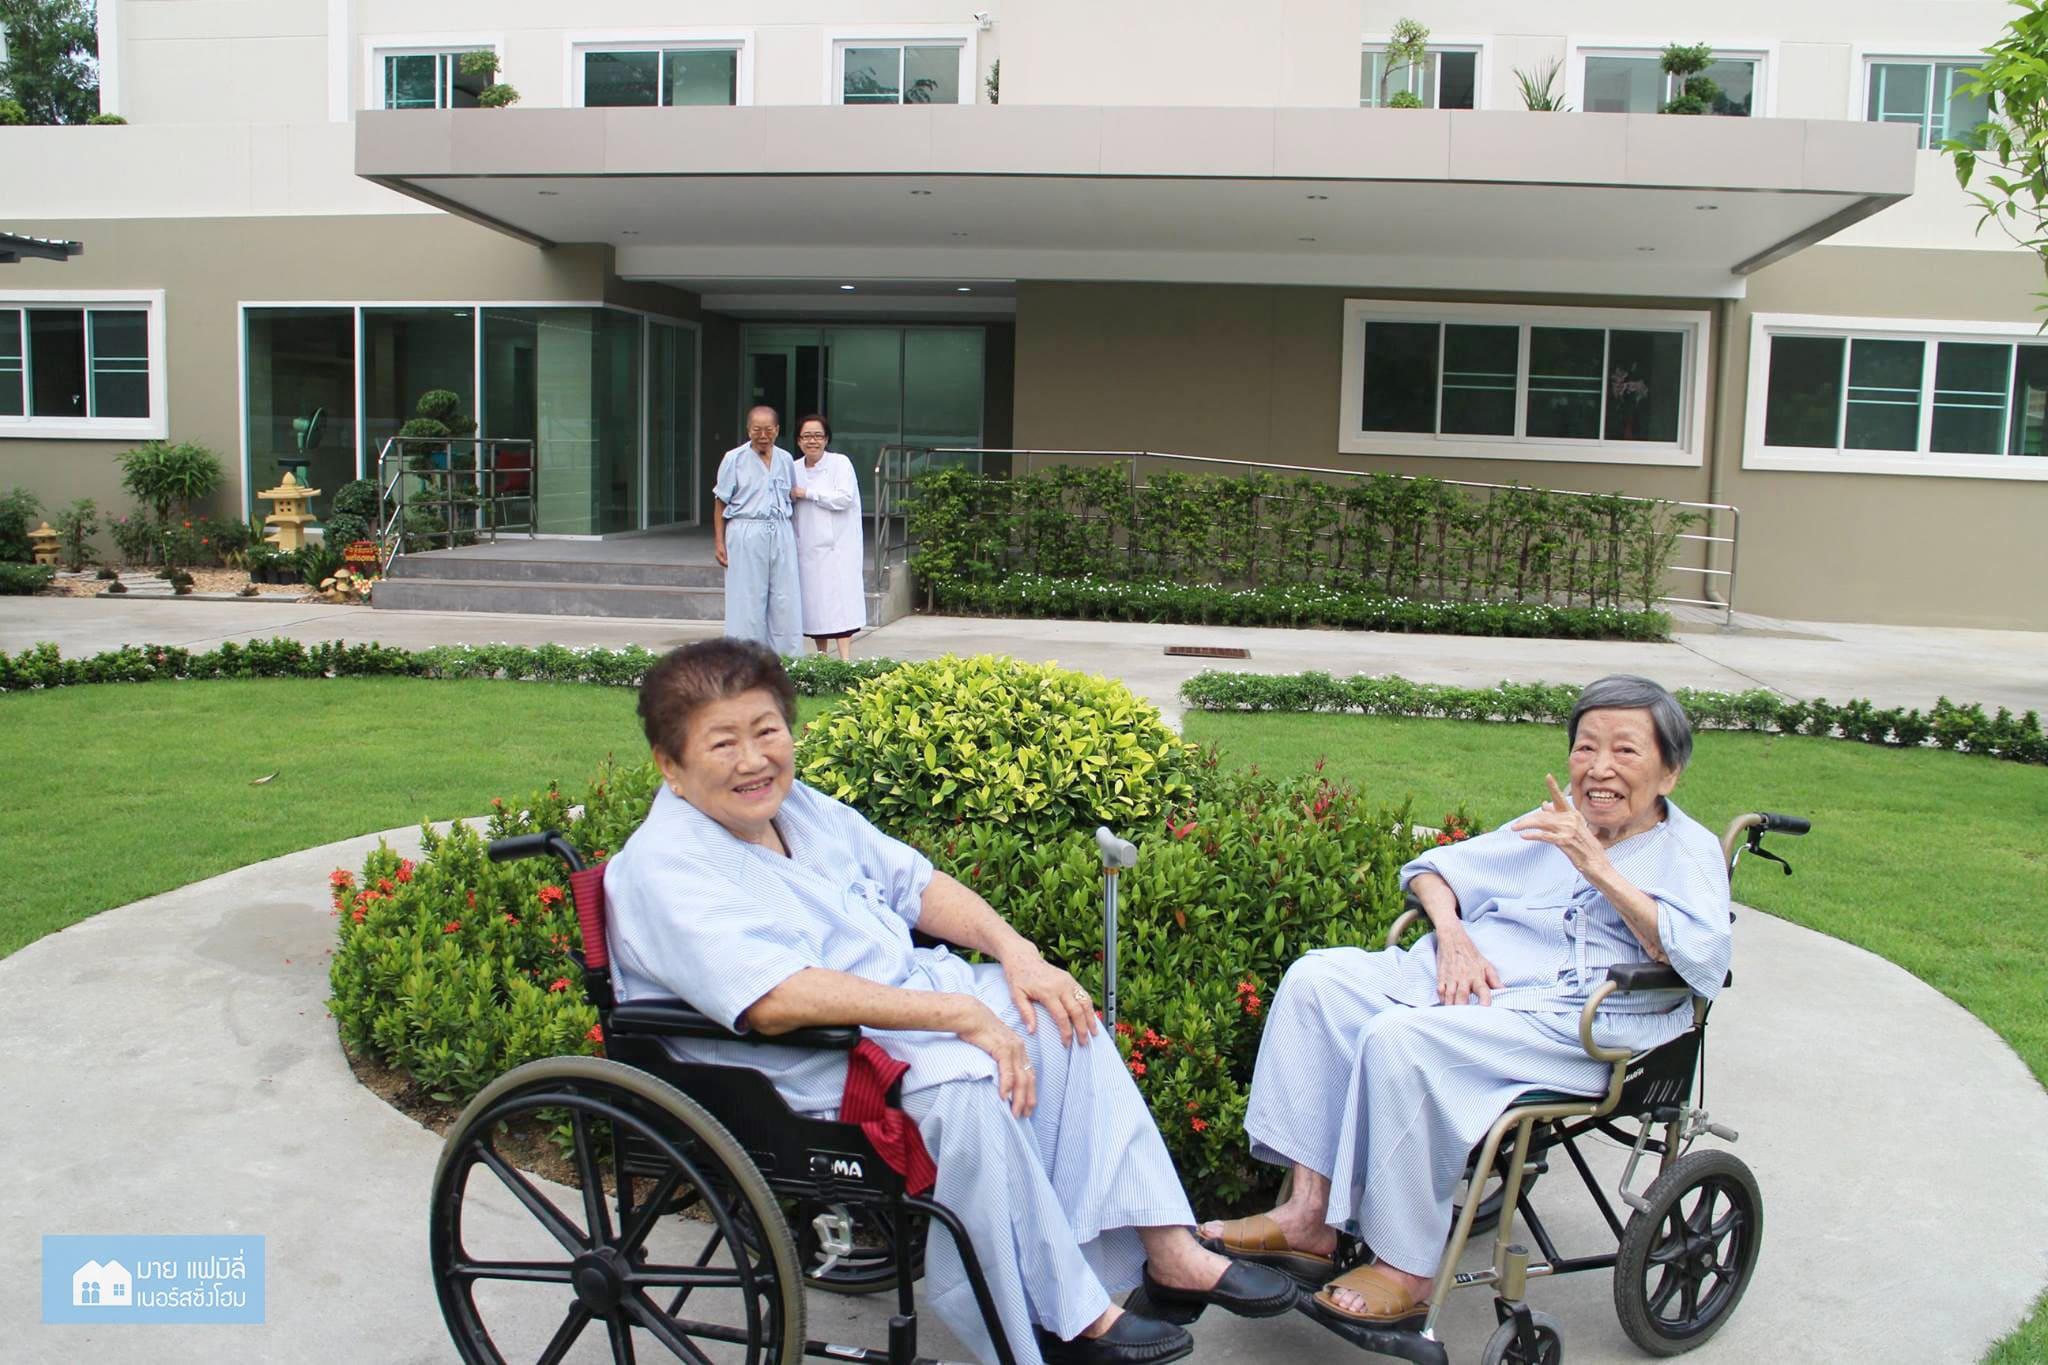 บรรยากาศศูนย์ดูแลผู้ป่วยและคนชรา My family nursing home